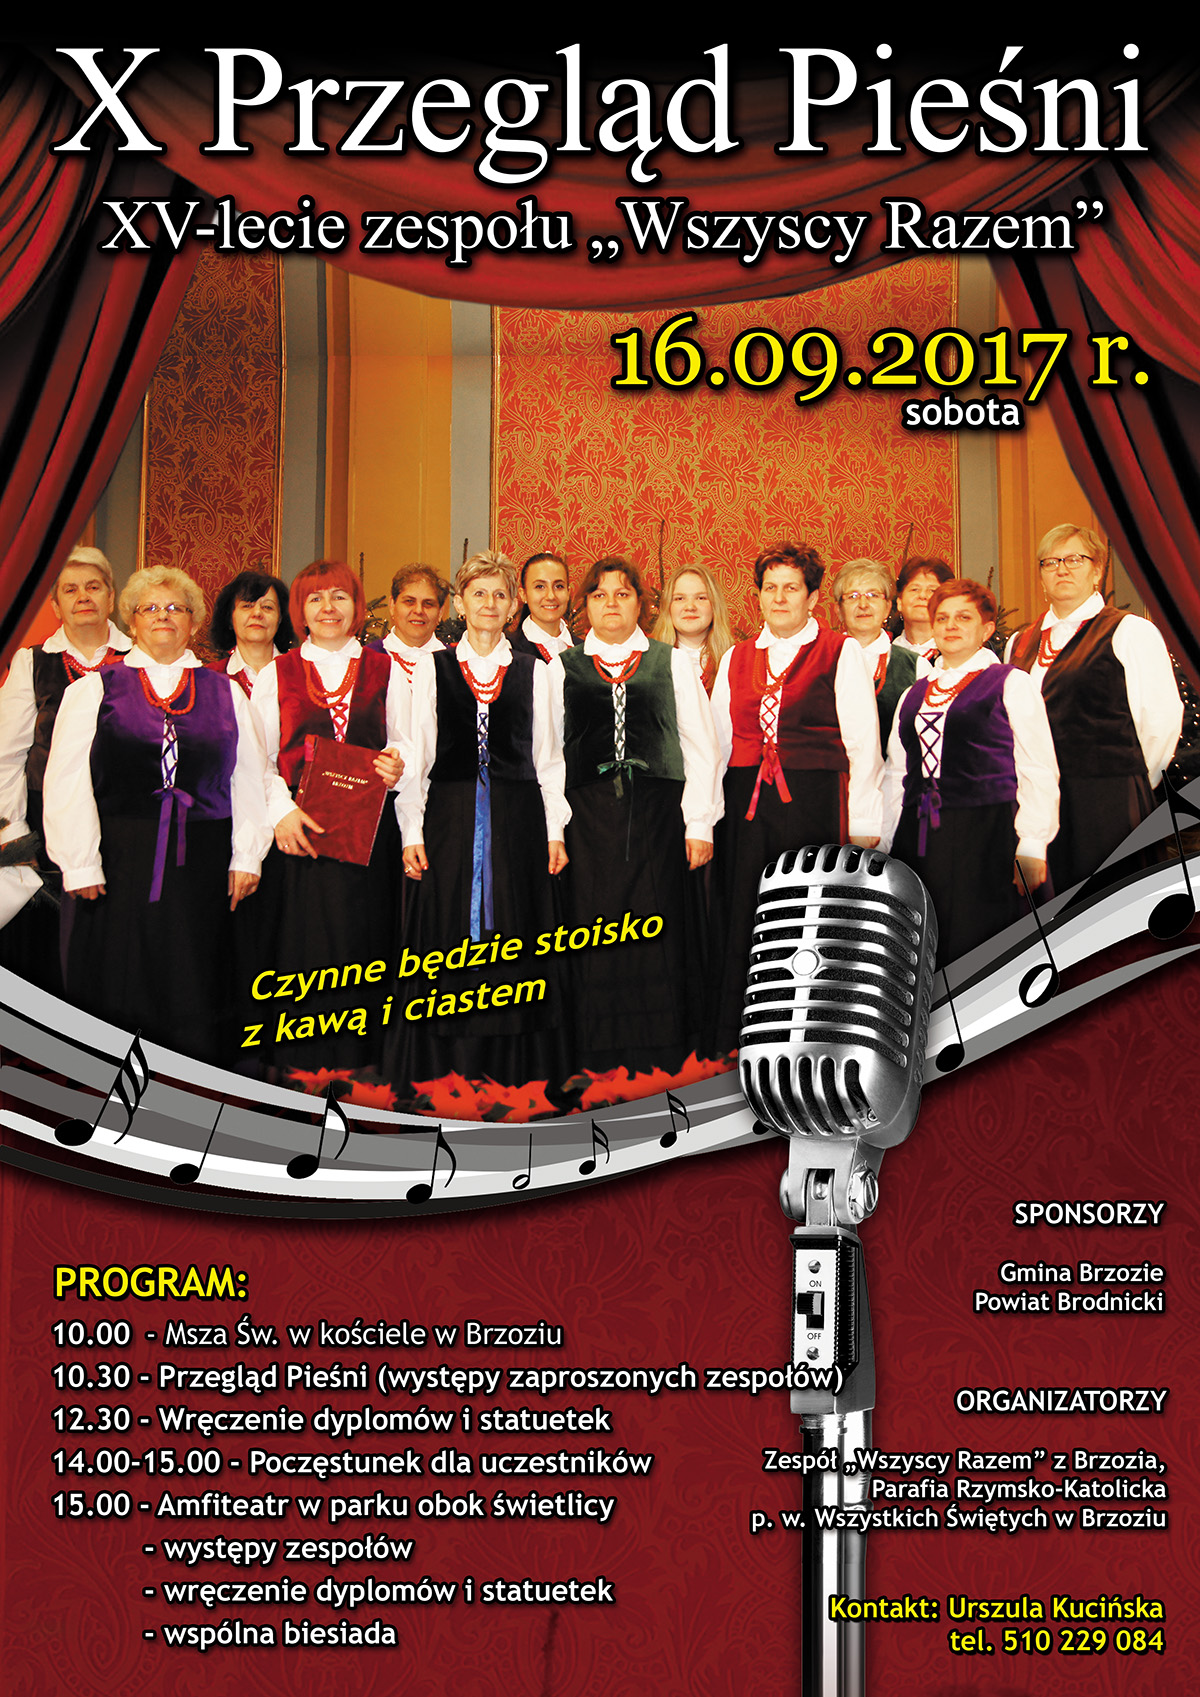 2017-09-16 X Przegląd Pieśni - plakat